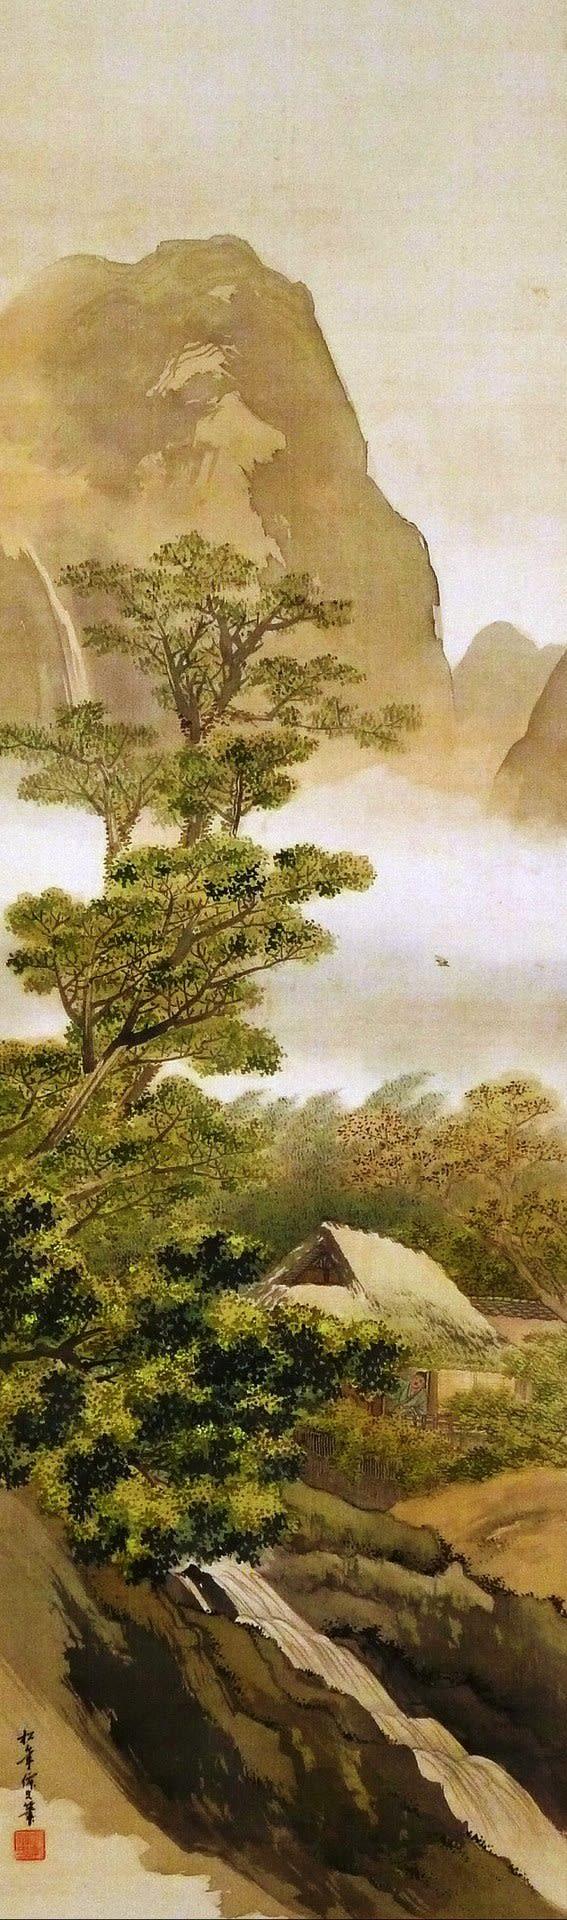 鈴木松年の画像 p1_33